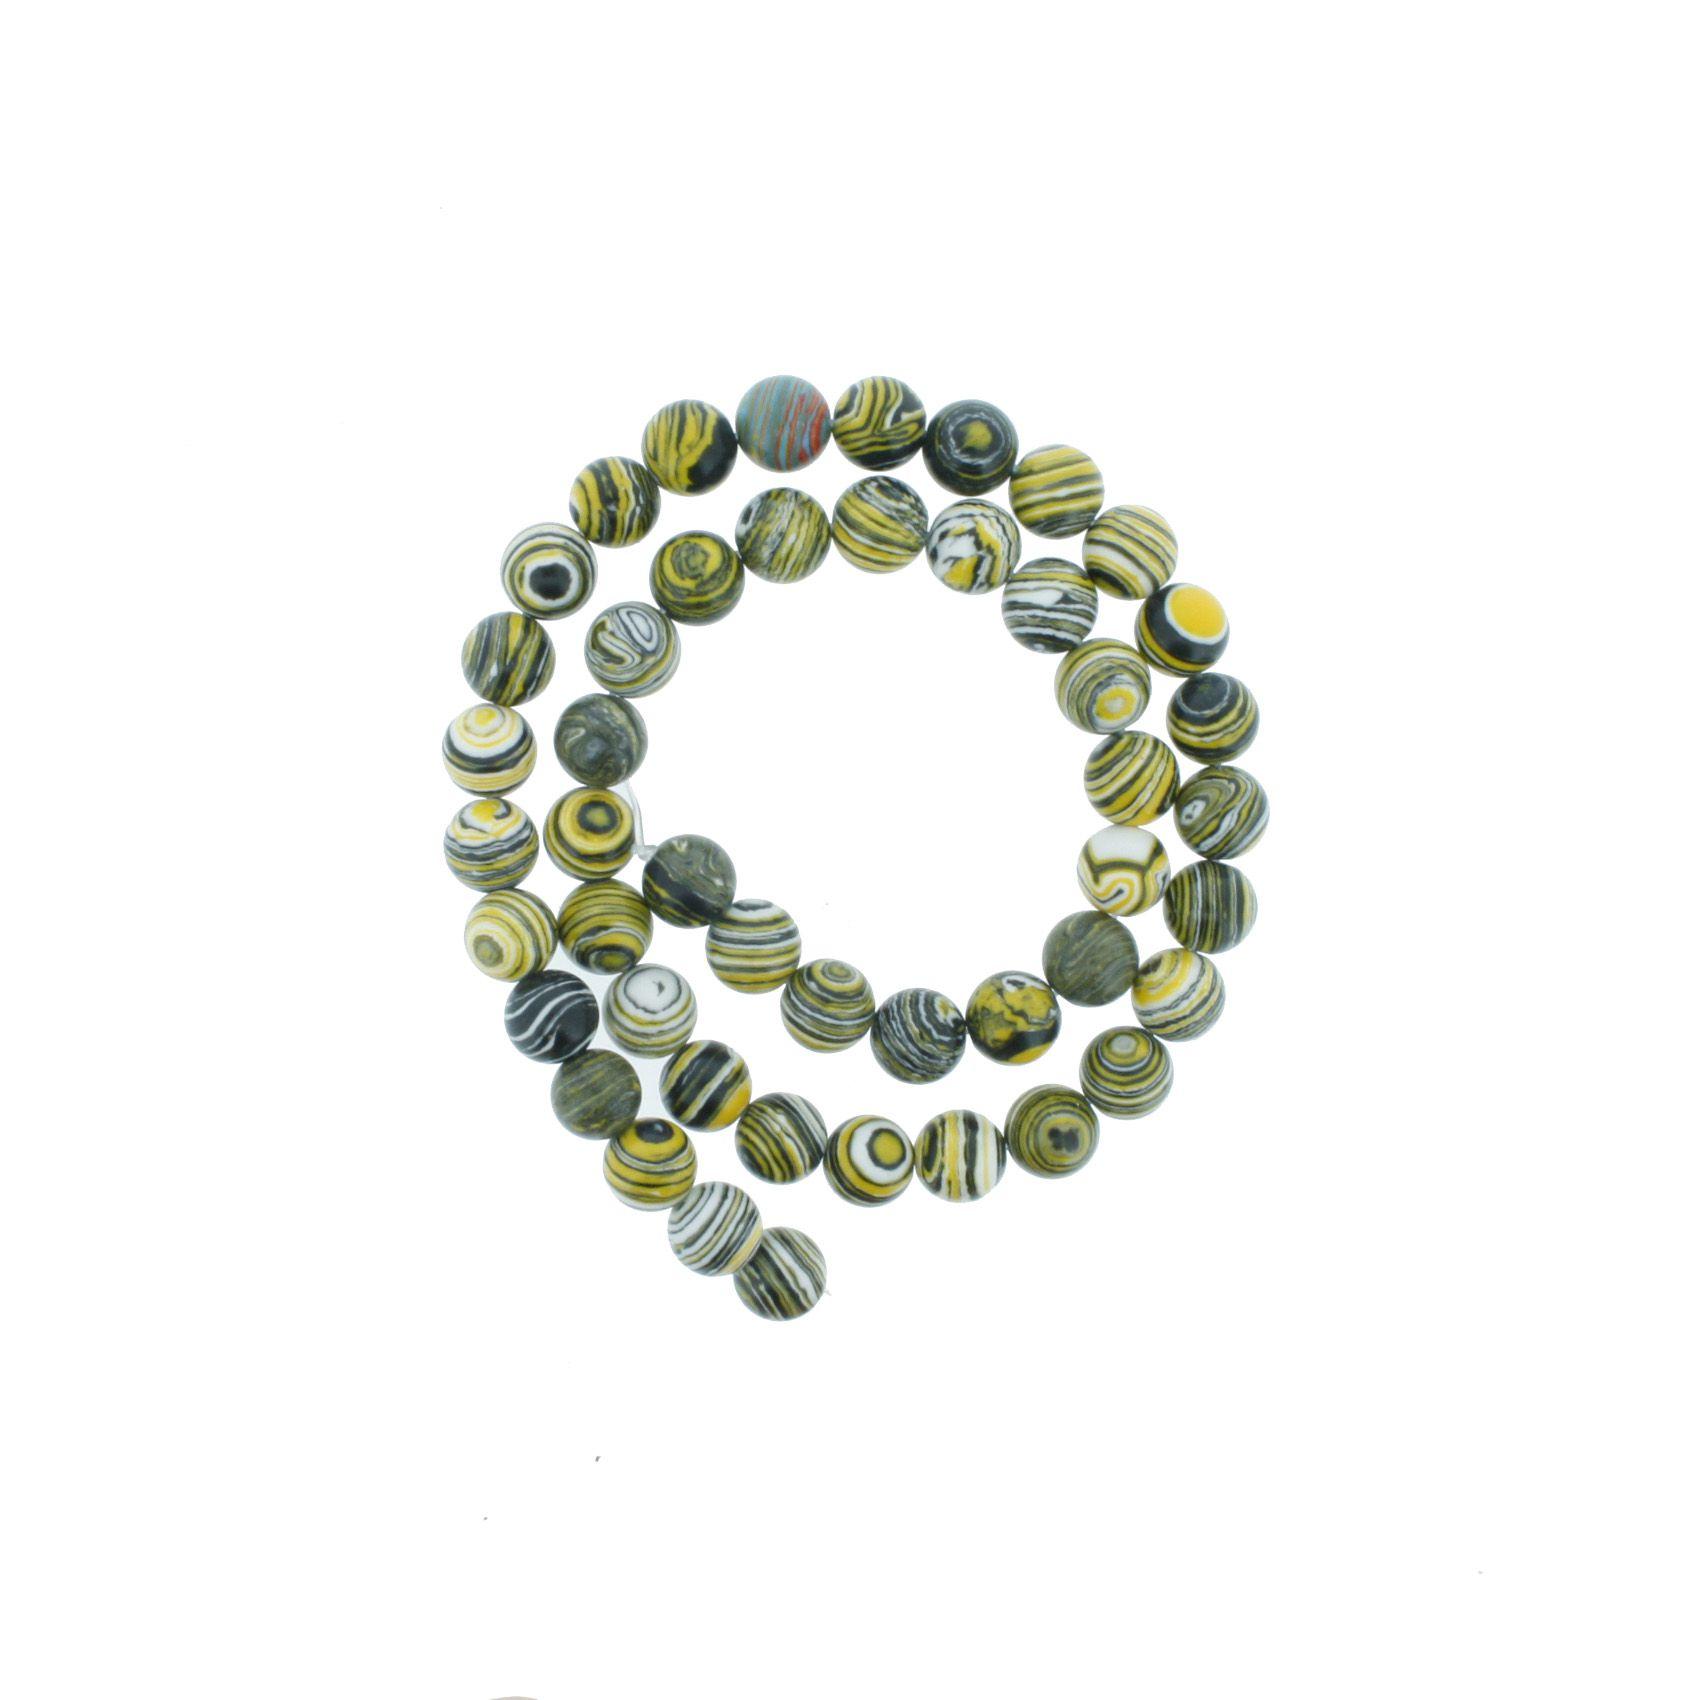 Fio de Pedra - Ágata Amarela Rajada - 8mm  - Stéphanie Bijoux® - Peças para Bijuterias e Artesanato